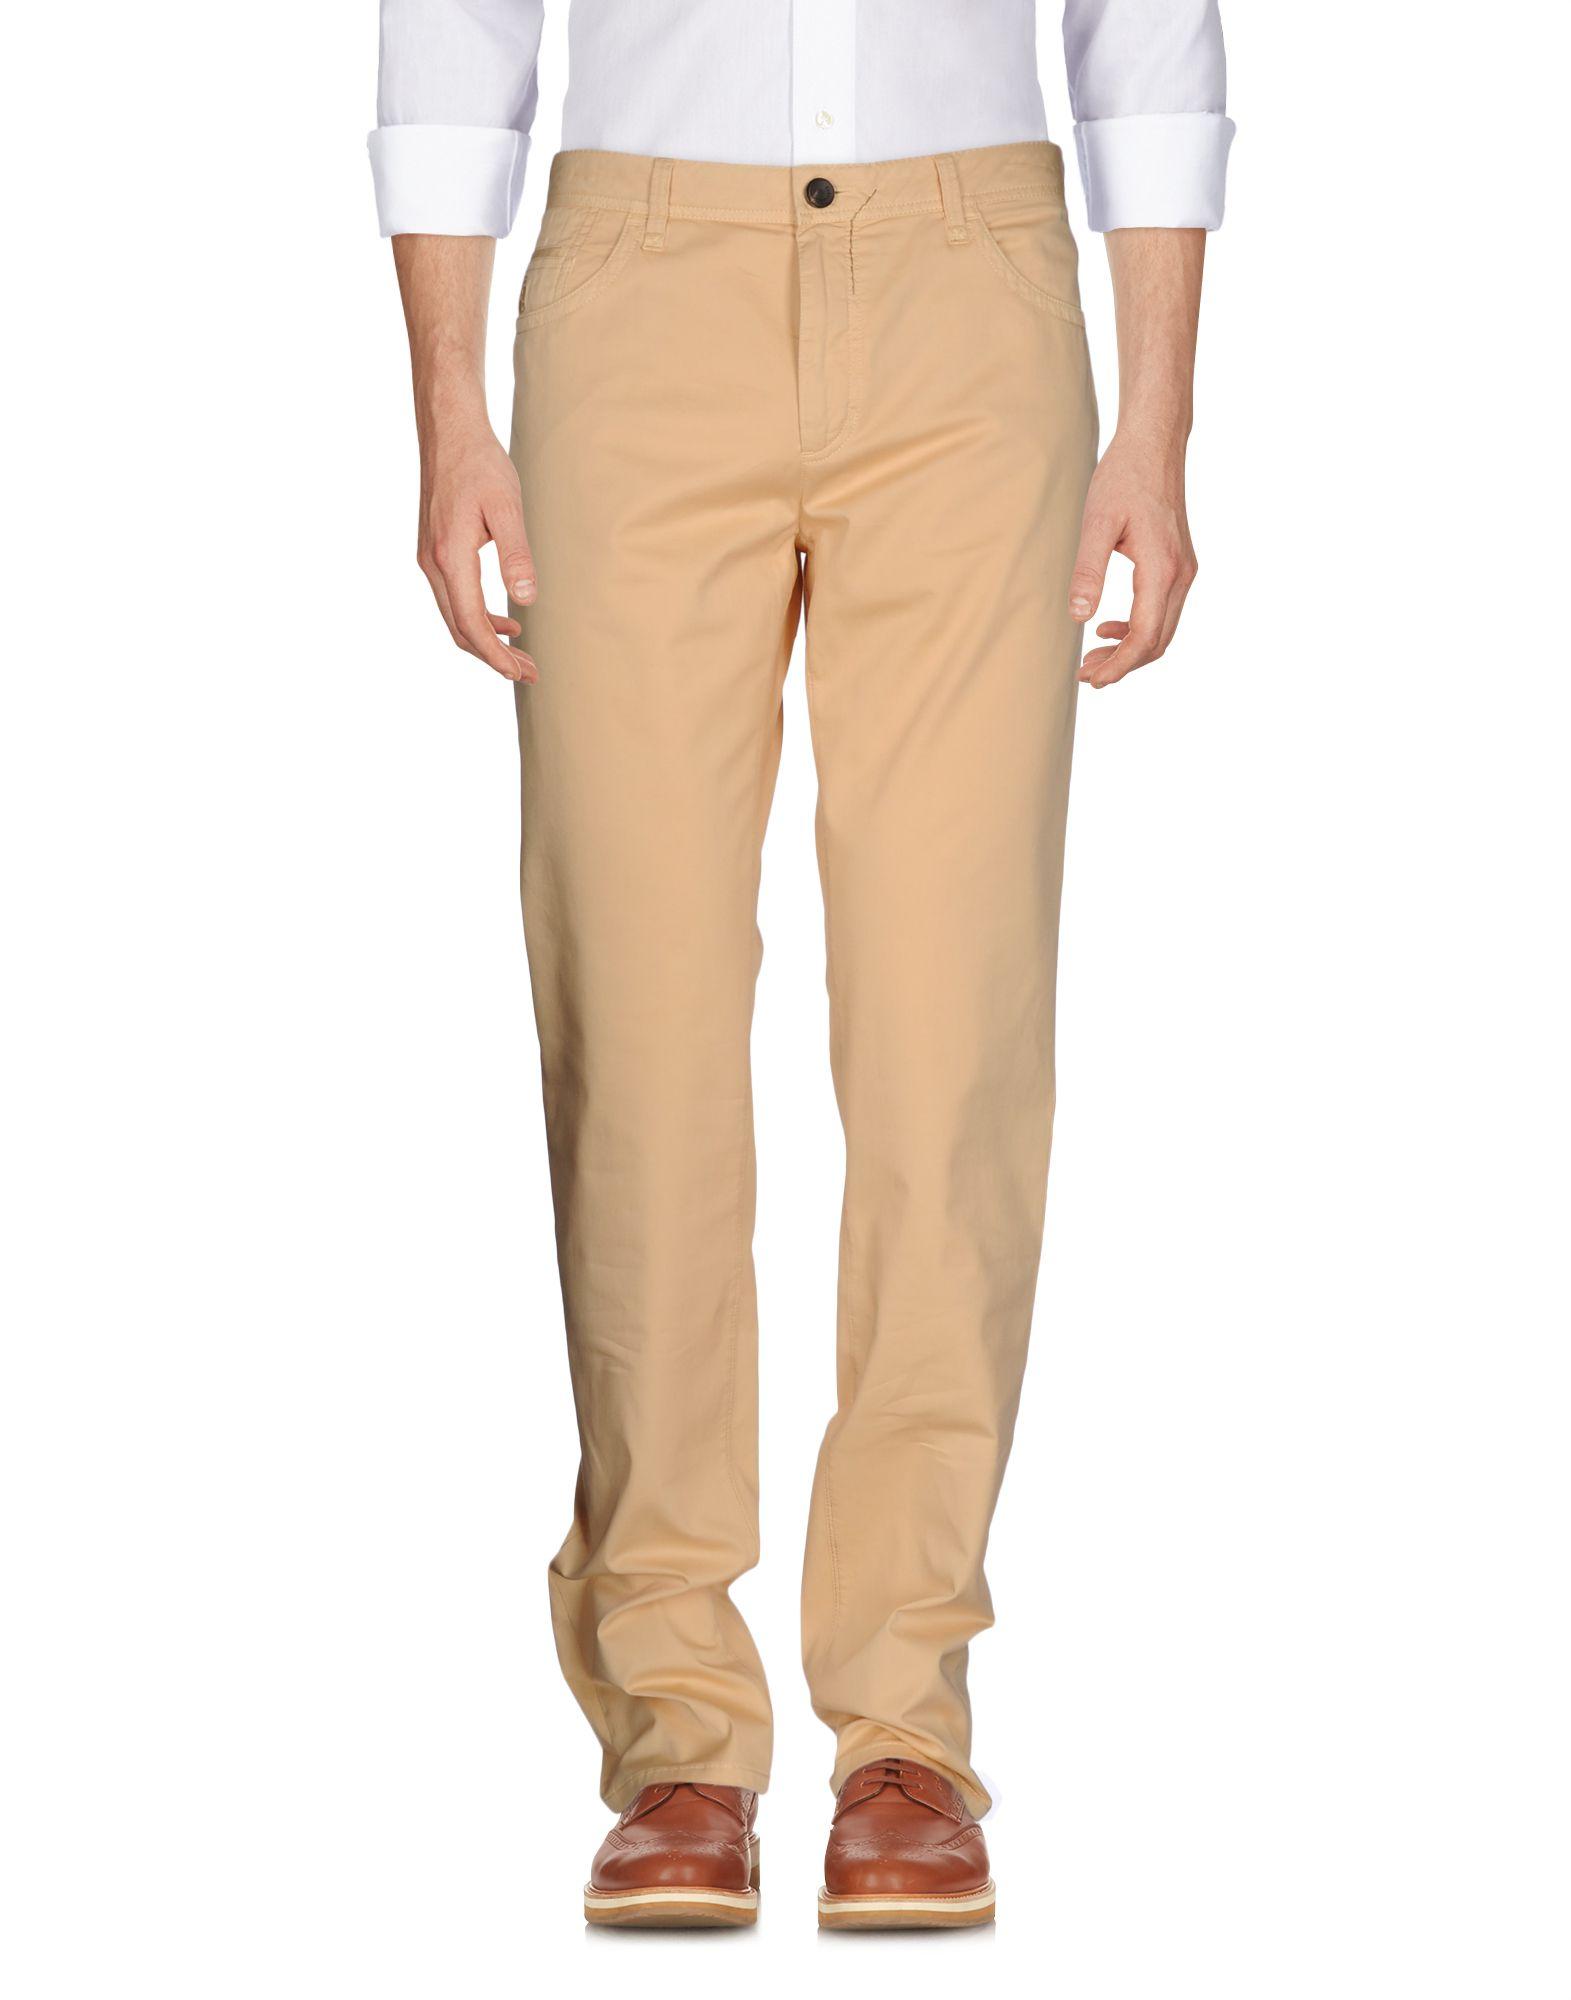 Pantalone Cortigiani Uomo - Acquista online su